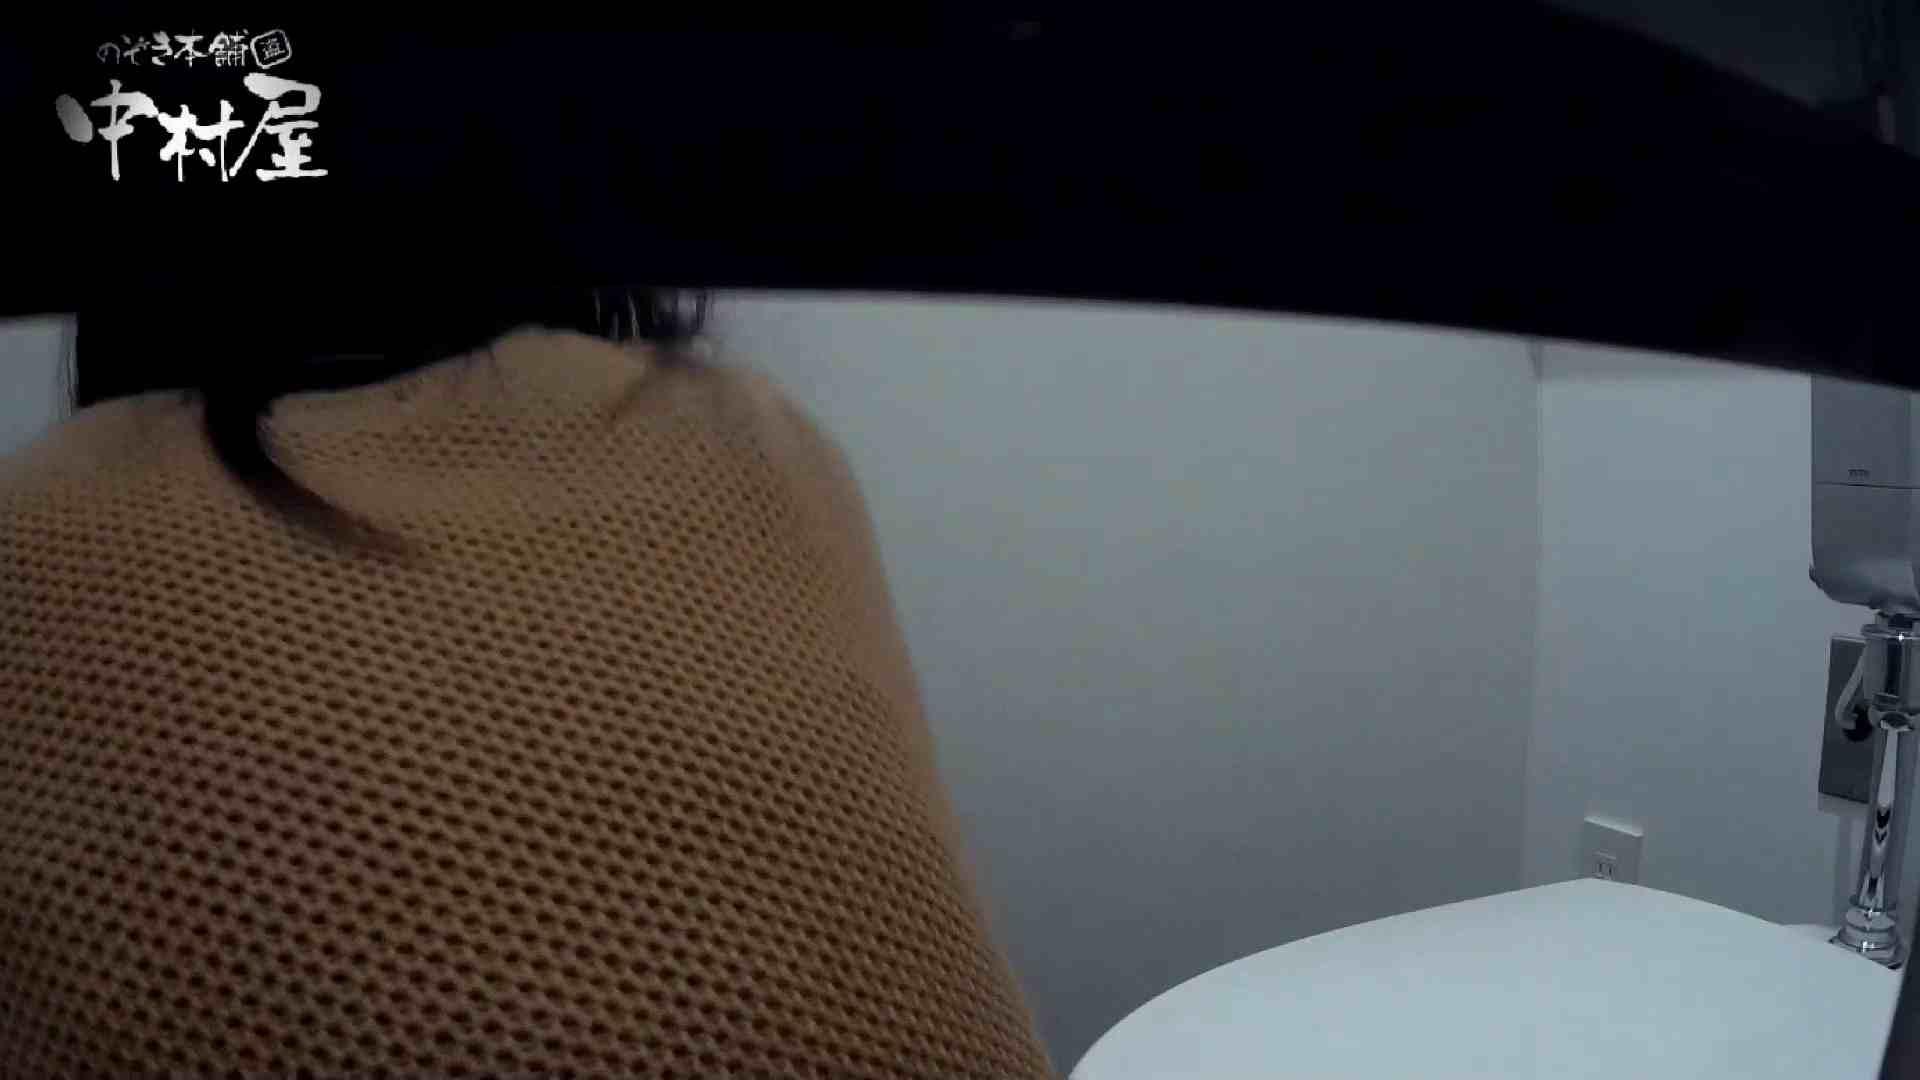 有名大学女性洗面所 vol.54 設置撮影最高峰!! 3視点でじっくり観察 和式 | 投稿  99連発 71